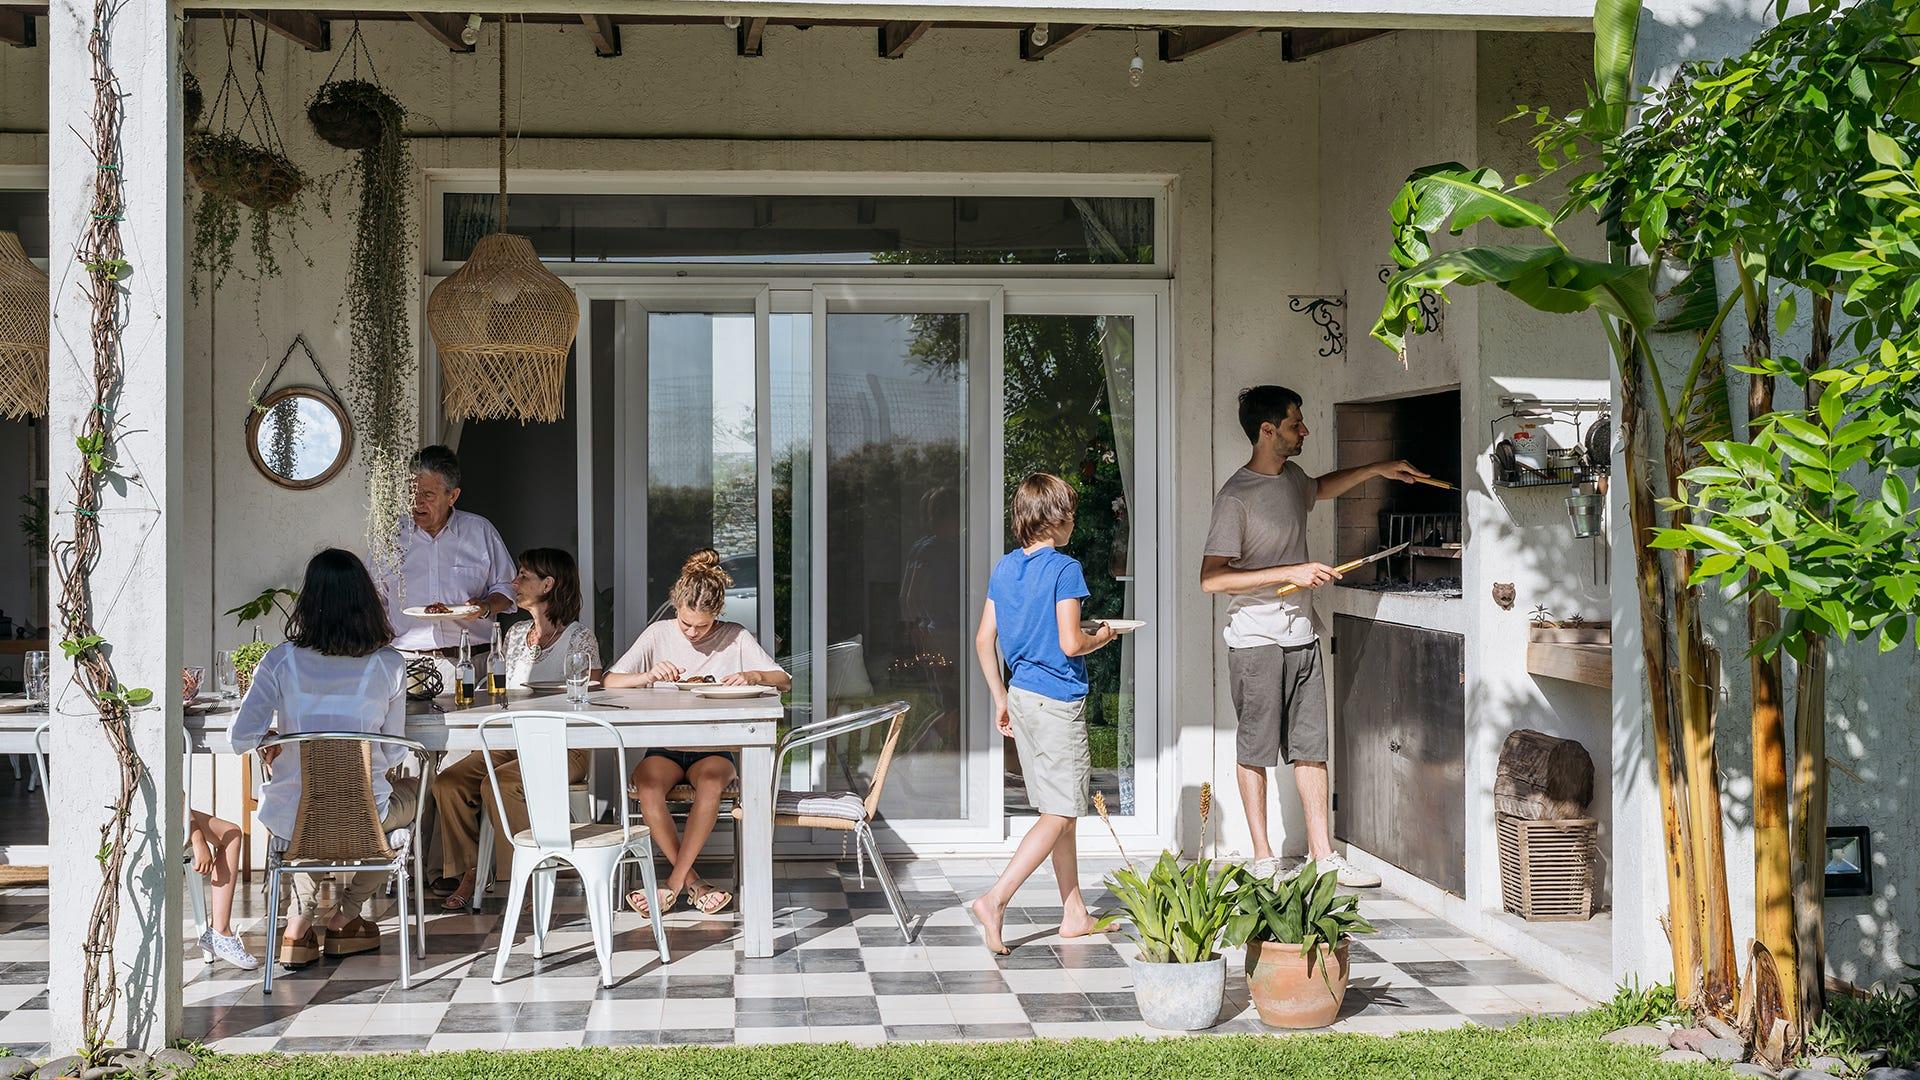 outdoor family making dinner